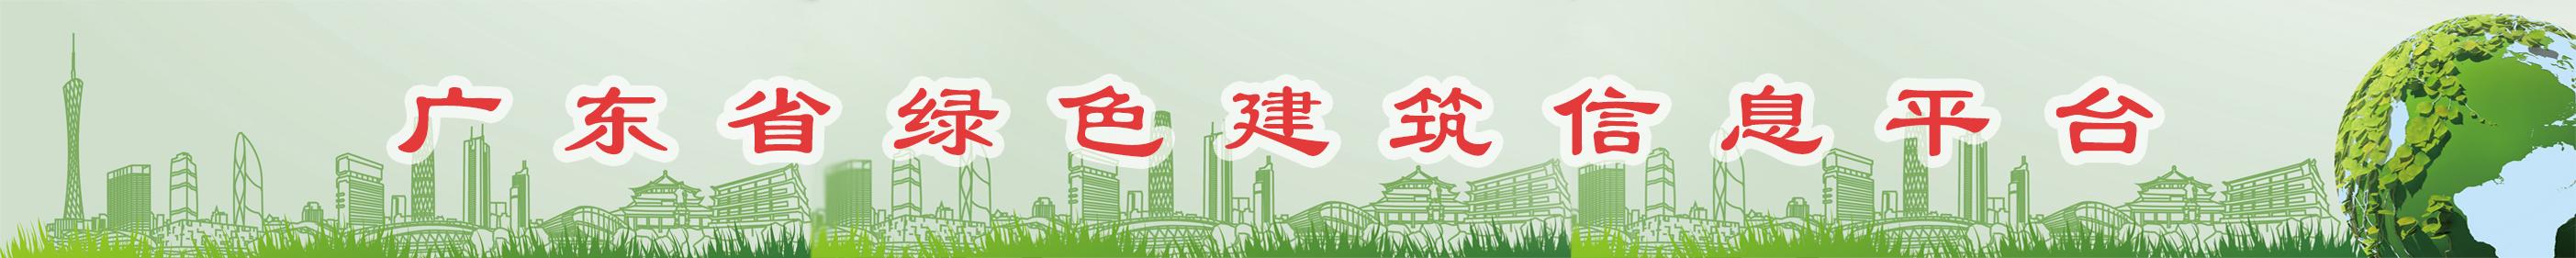 广东省绿色建筑信息平台